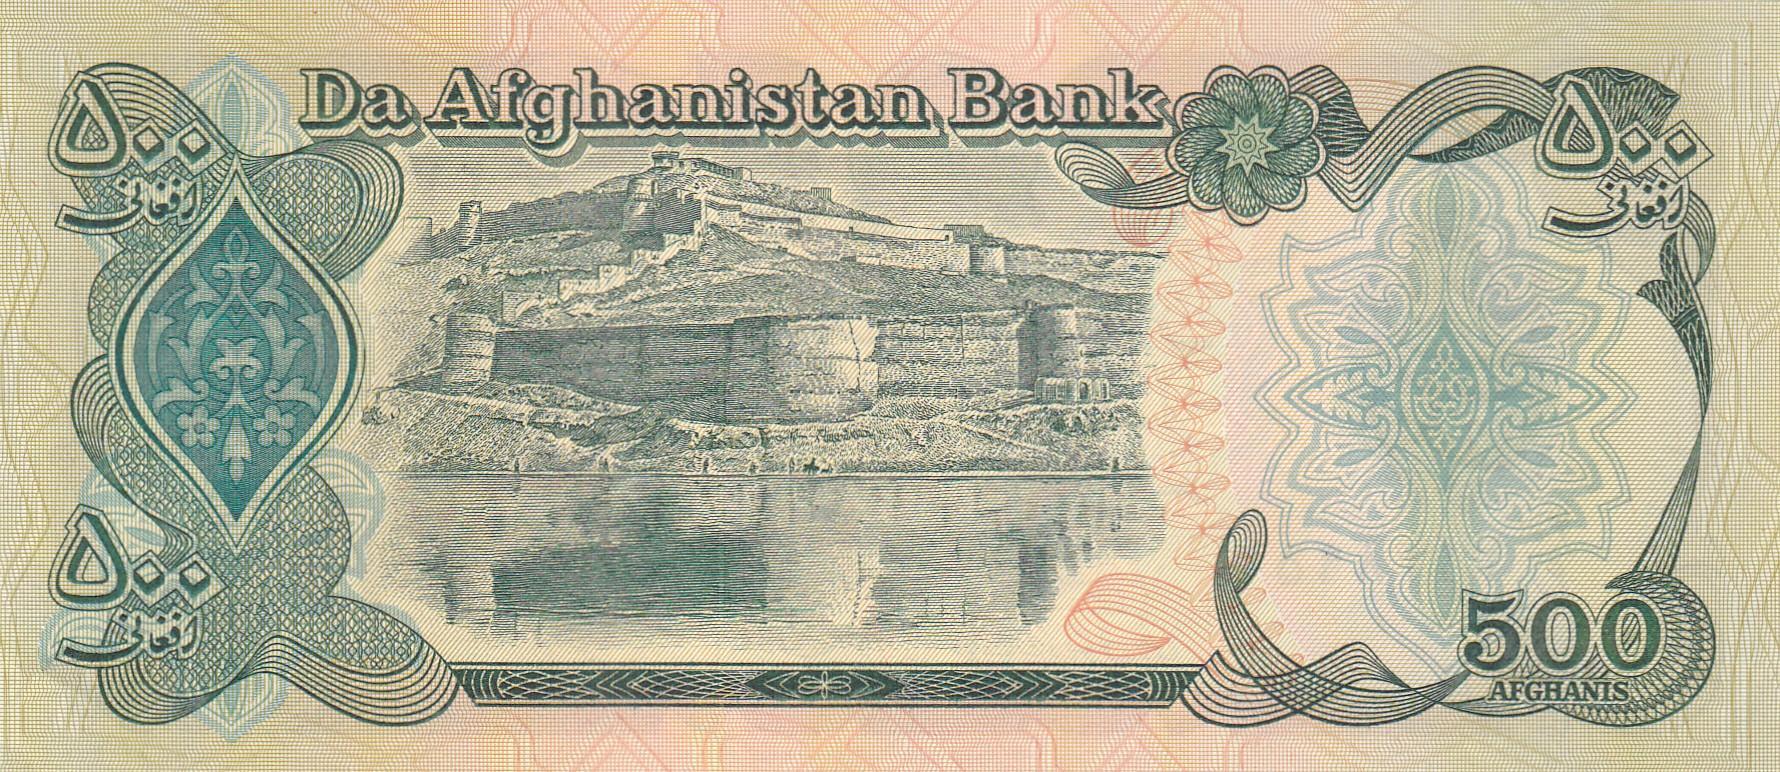 BANKNOTAS